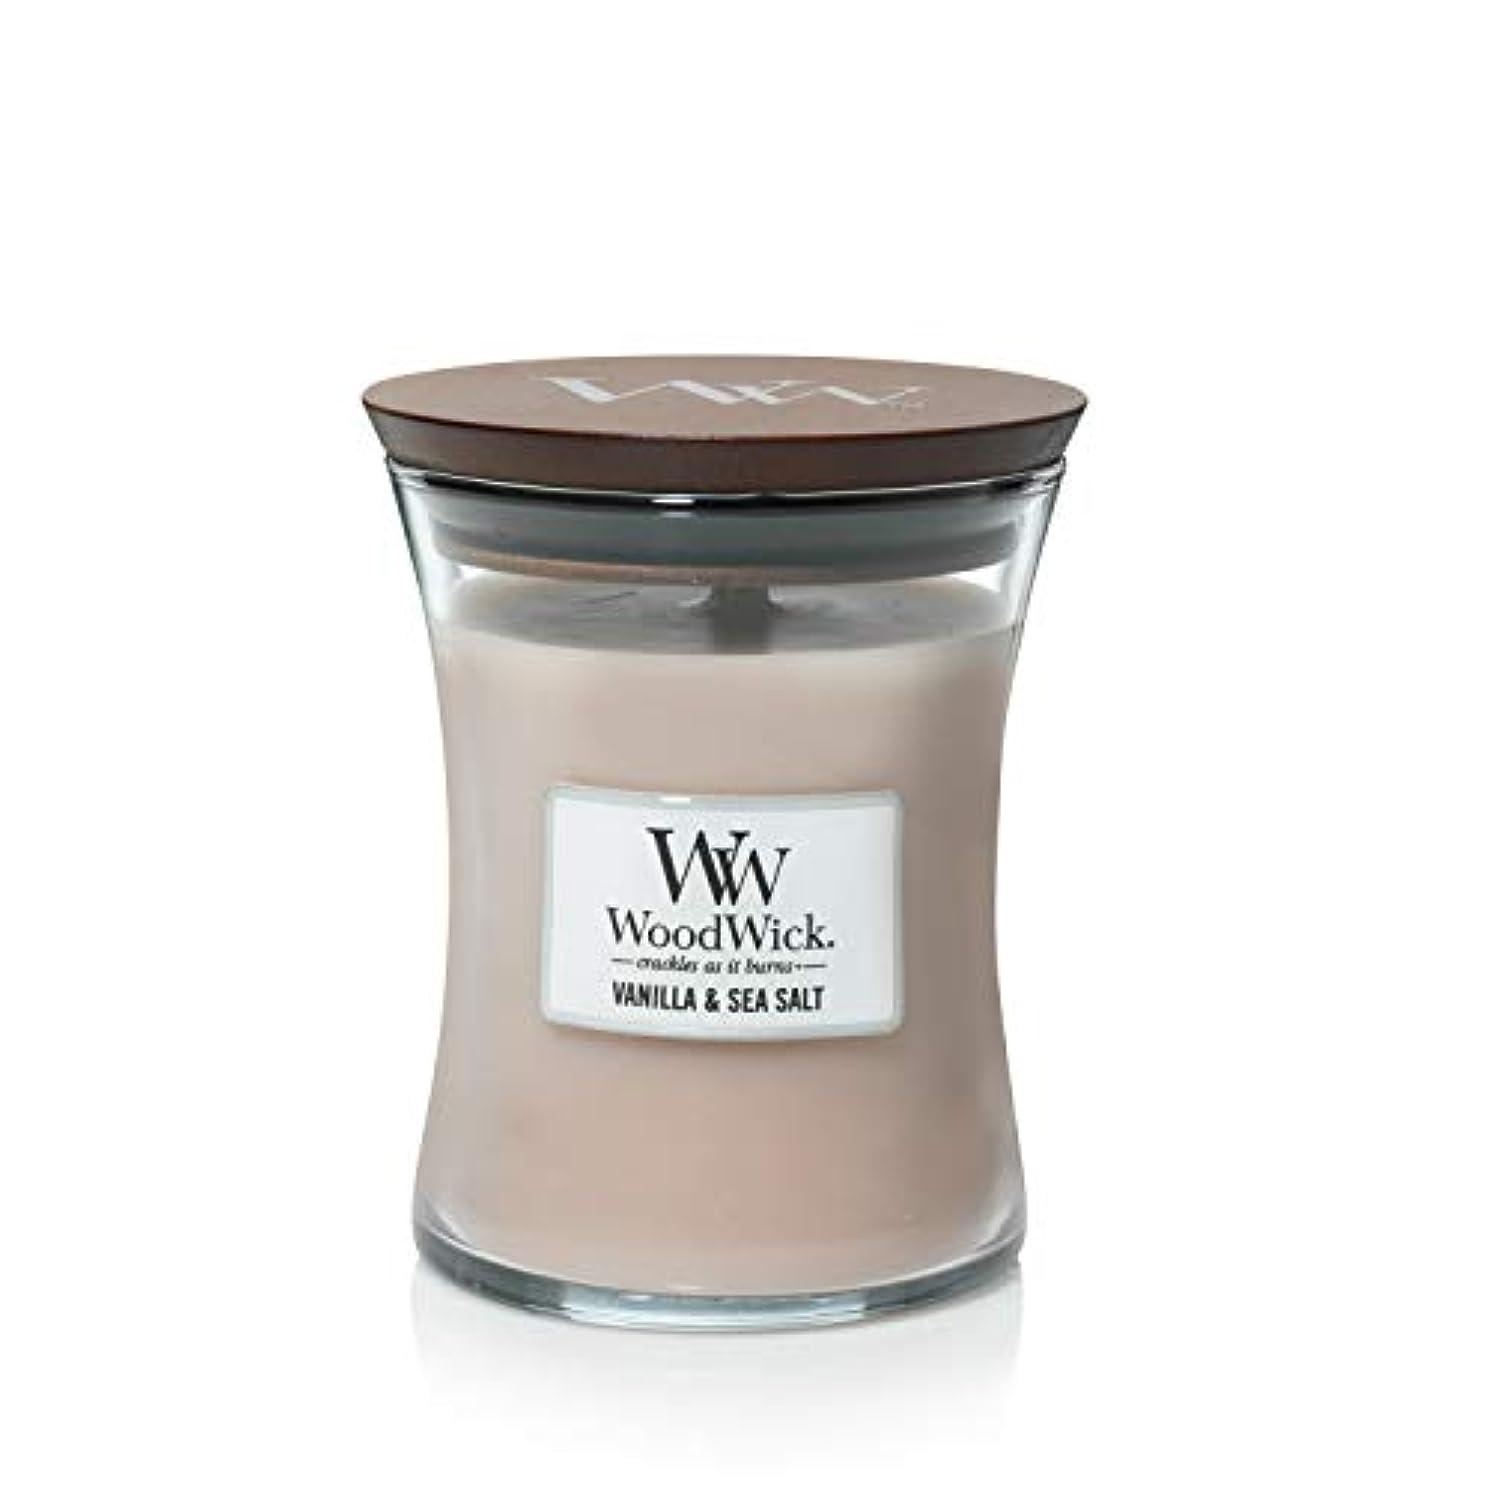 公然とマントあなたはバニラSea Salt WoodWick 10 oz Medium砂時計Jar Candle Burns 100時間